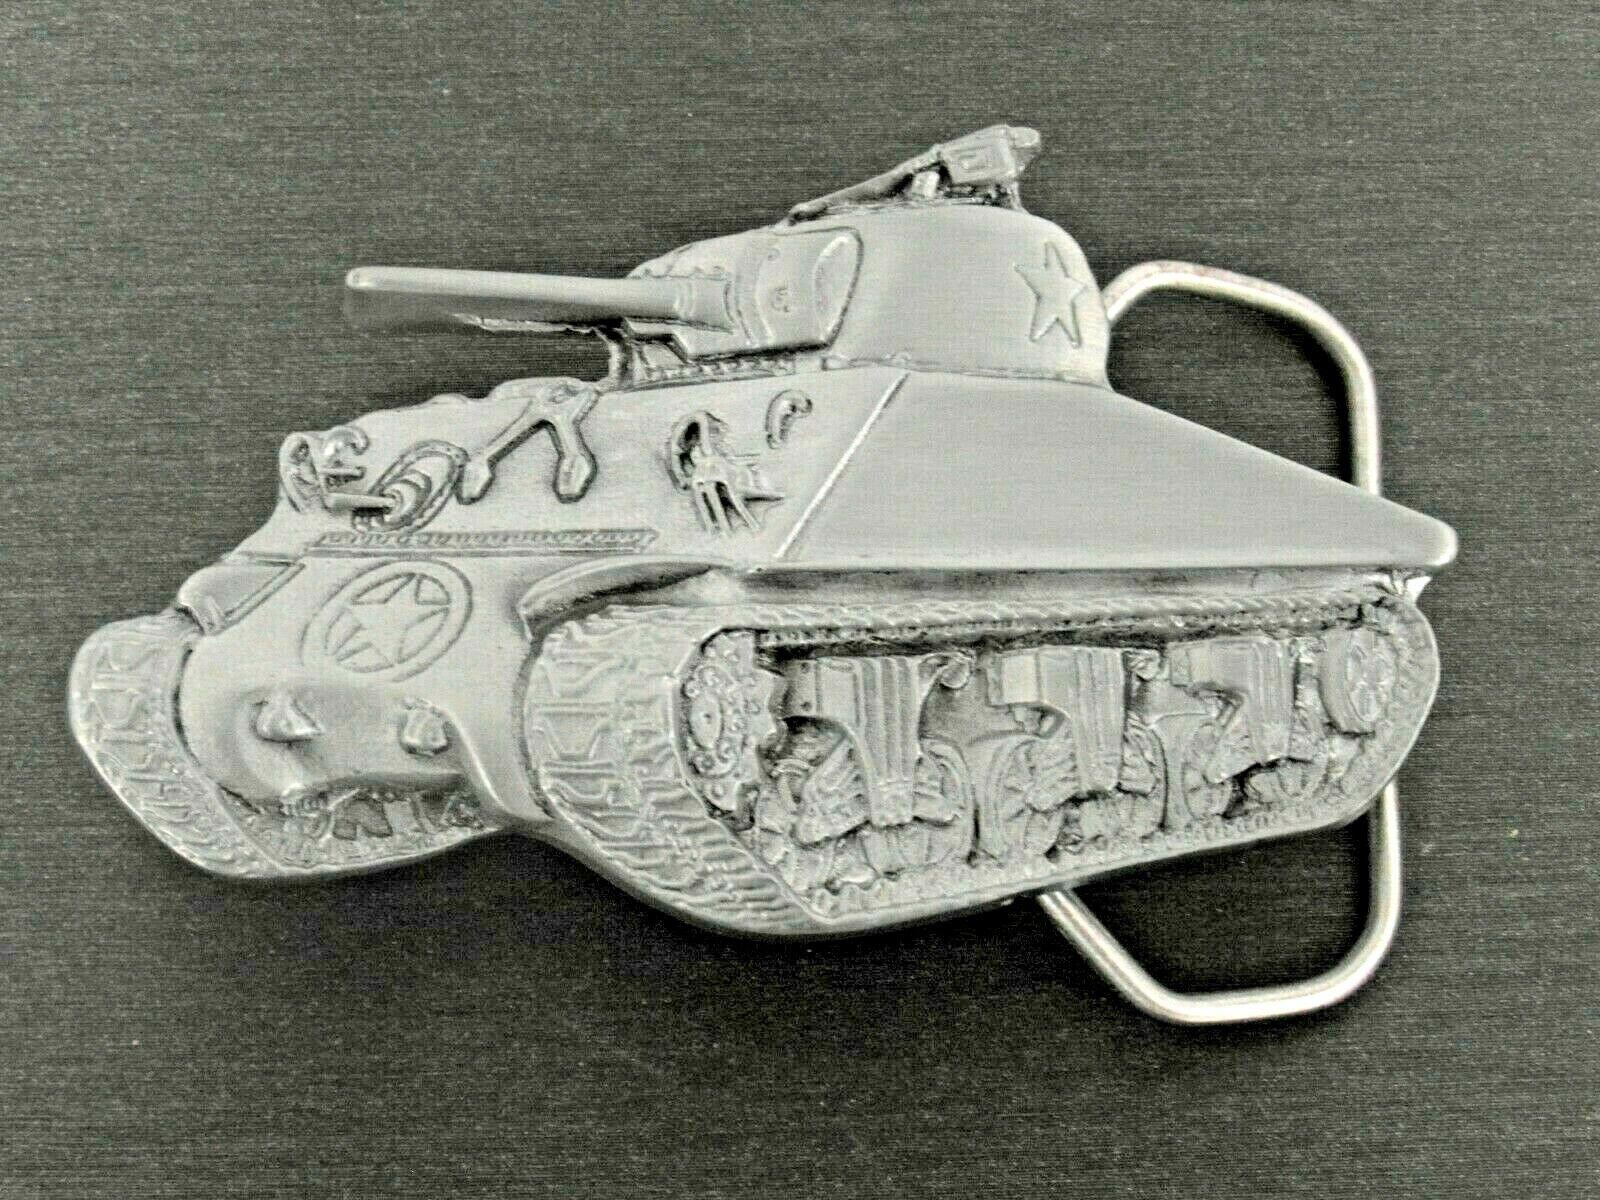 Gürtelschnalle Panzer Militär Kettenfahrzeug Wechselschnalle Buckle für 4cm